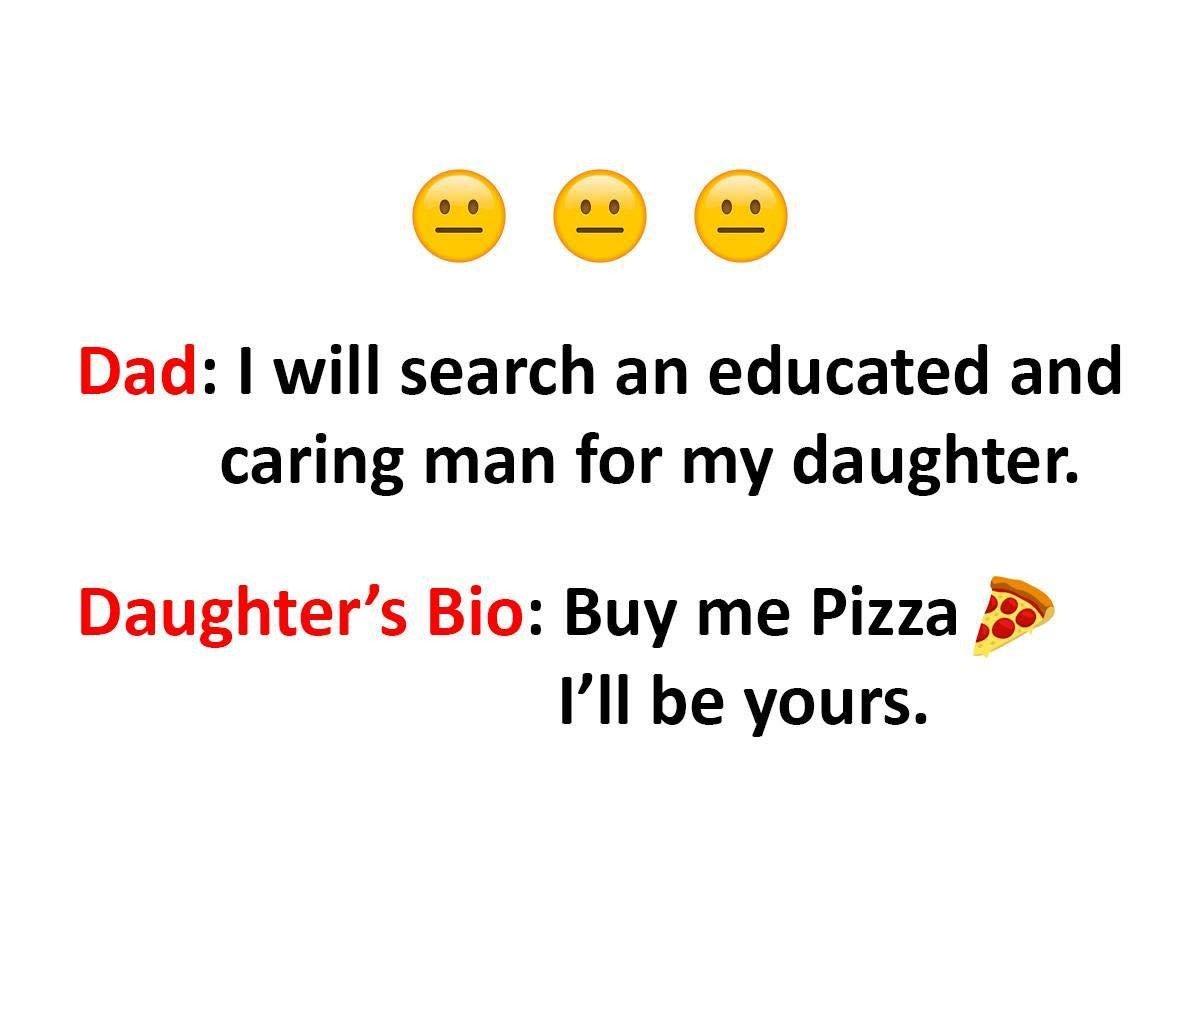 Dad: I Will...